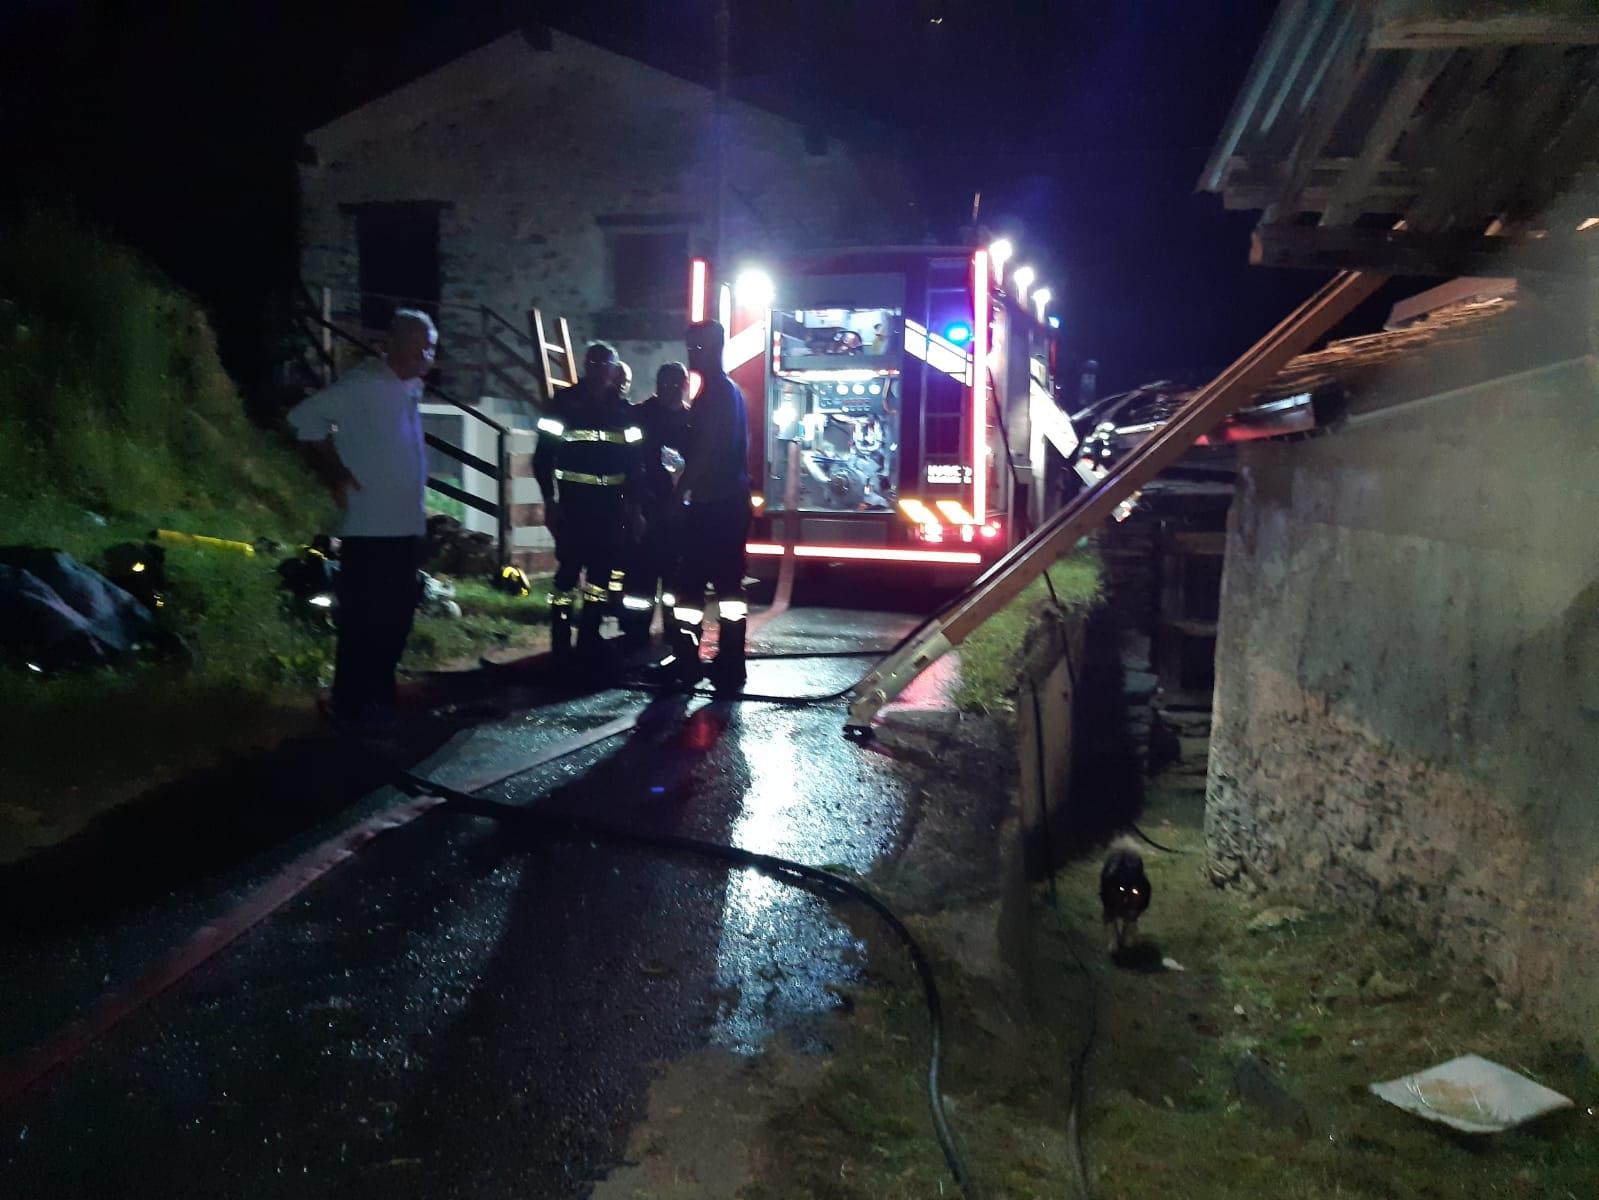 LOCANA - Incendio devasta una casa: il proprietario ricoverato in gravi condizioni alle Molinette